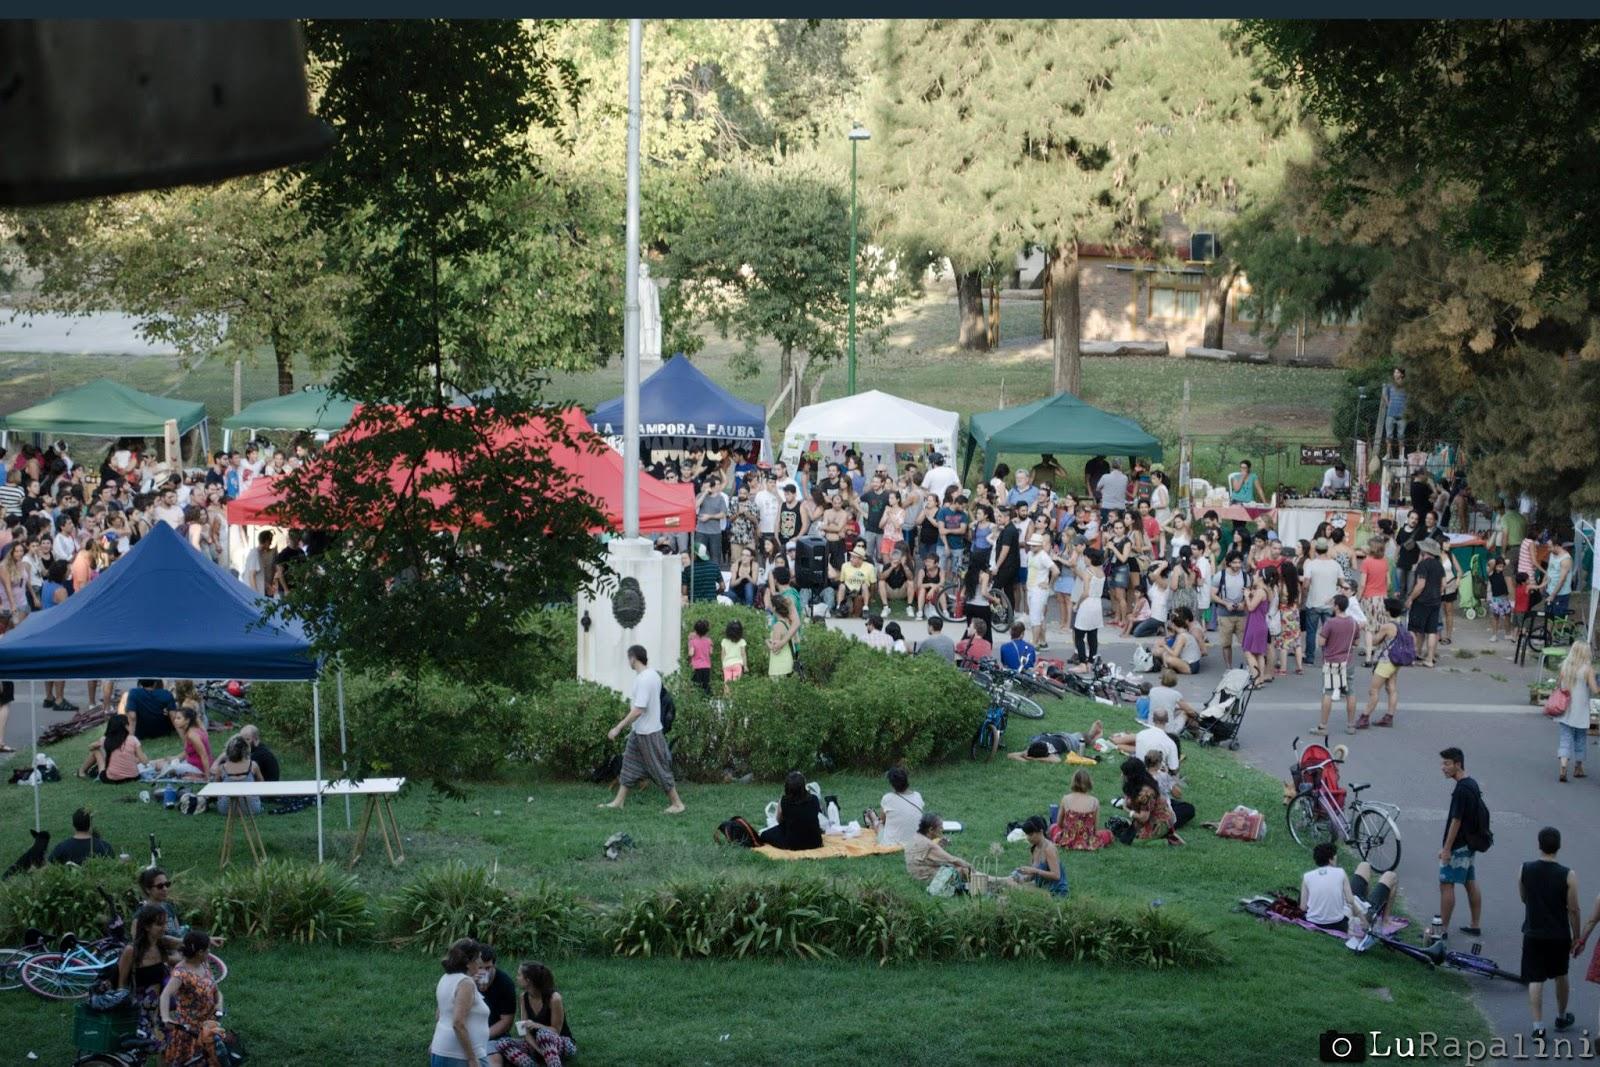 Noticias de Villa Devoto, guía comercial villa devoto, feria, agronomia, productor, consumidor, pic nic, comidas, empanadas, bebidas, musica, aire libre